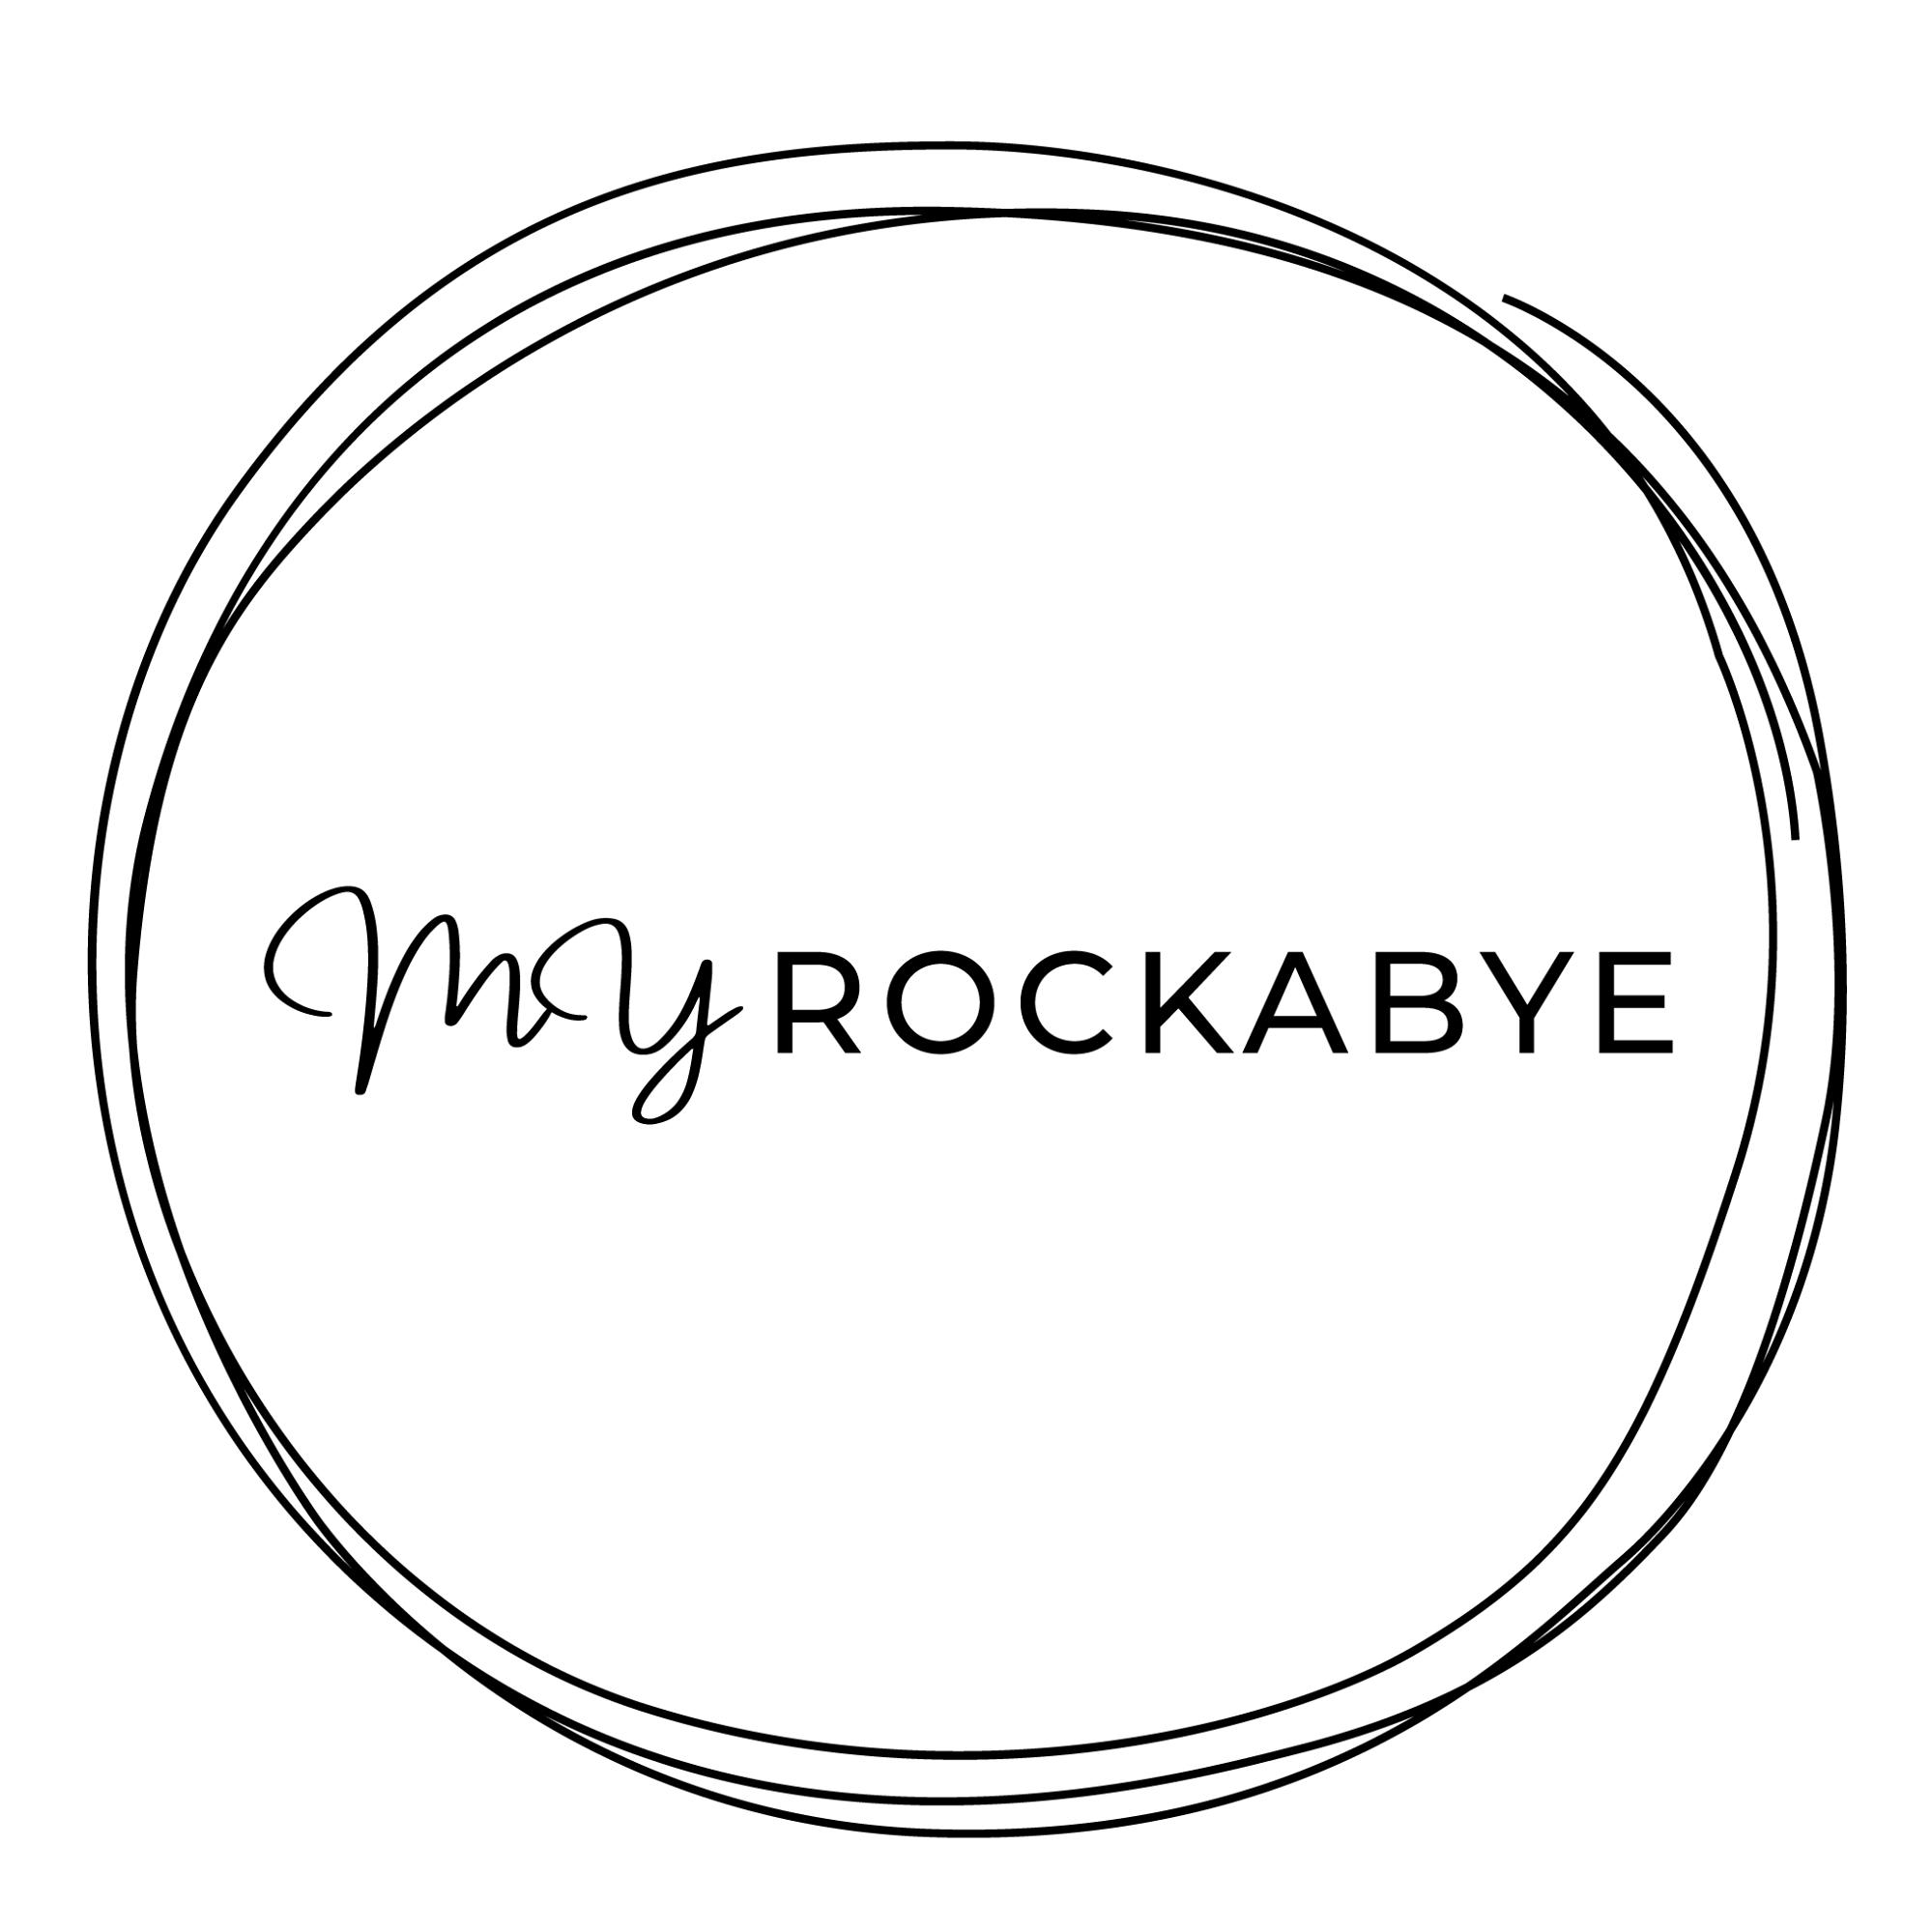 My Rockabye 's logo